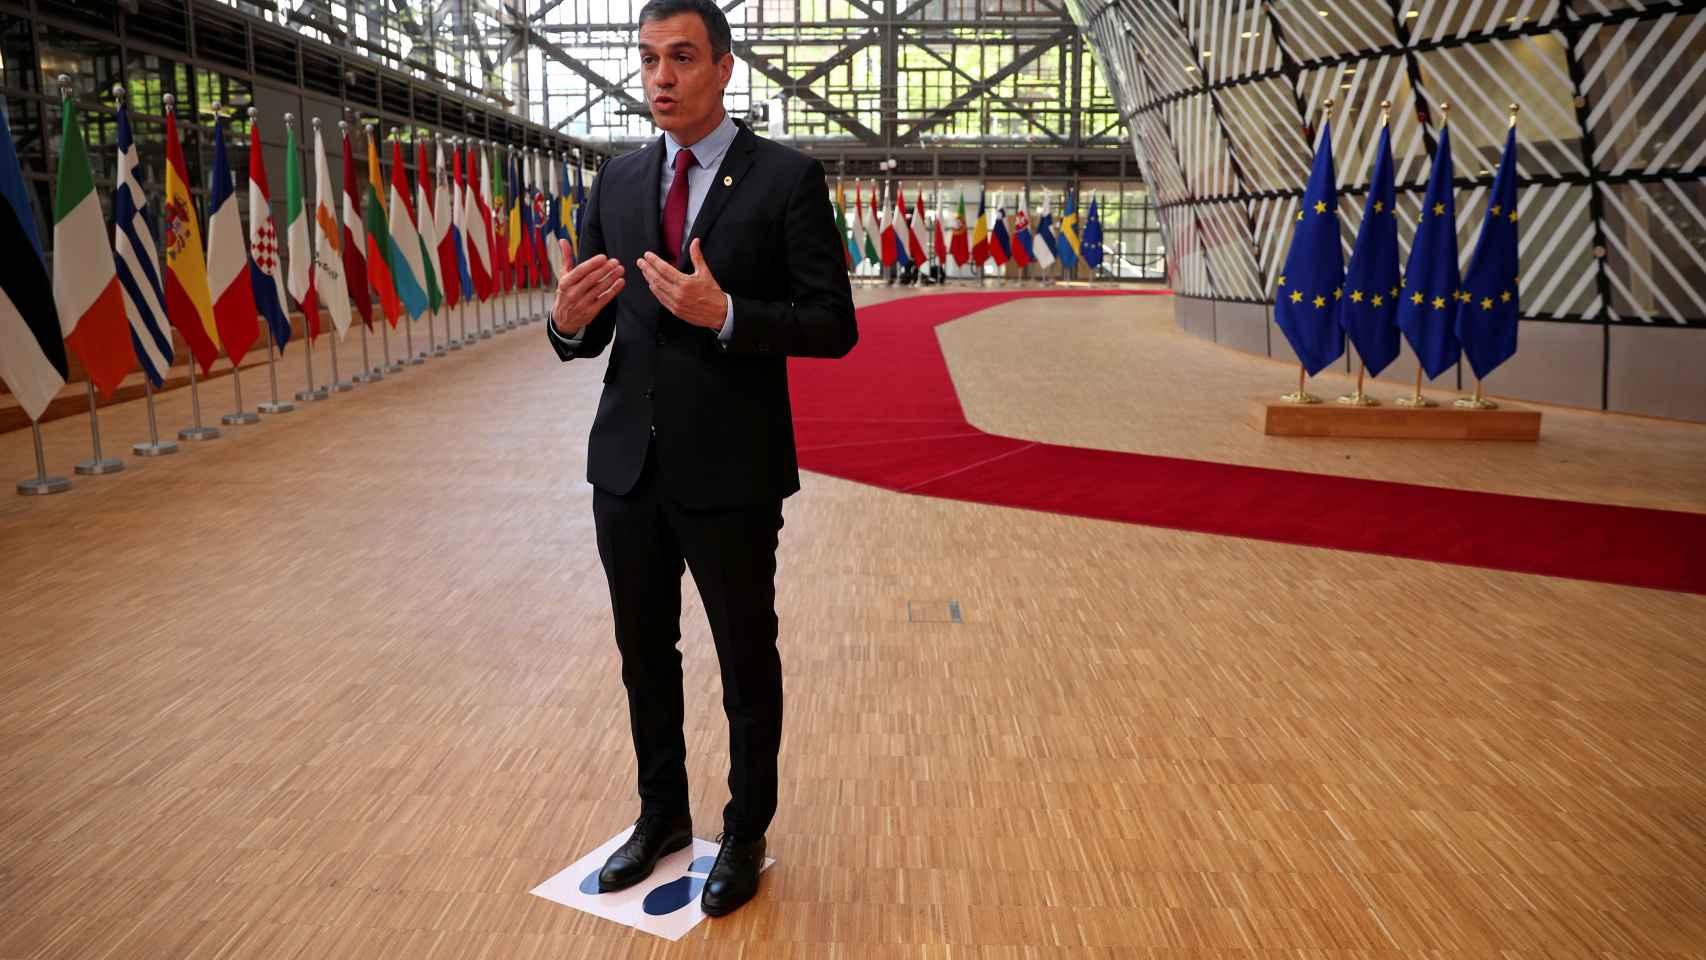 El presidente del Gobierno, Pedro Sánchez, en el punto marcado para las comparecencias de prensa